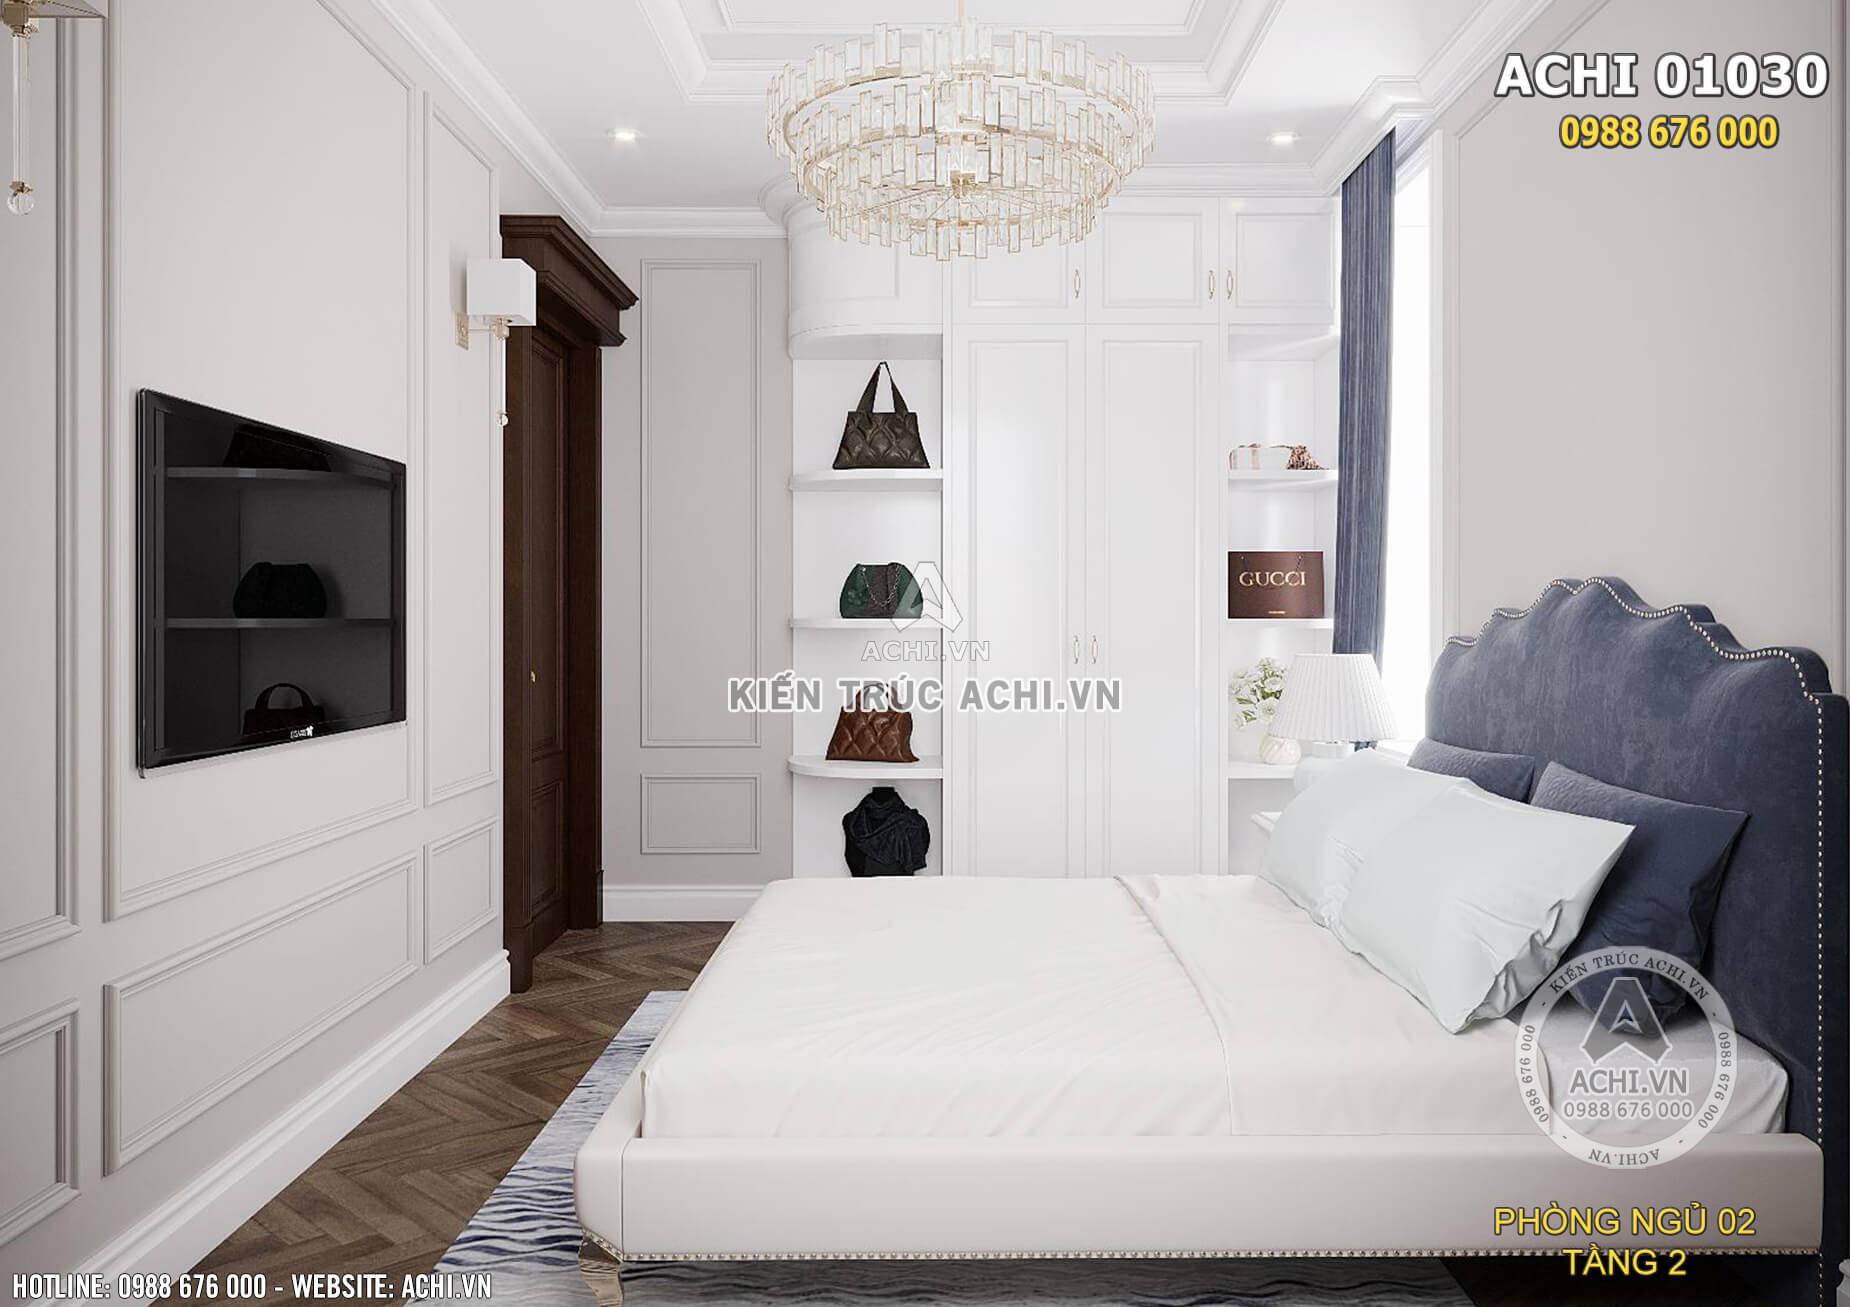 Thiết kế phòng ngủ tuy diện tích hạn chế nhưng vẫn tiện nghi và ngăn nắp